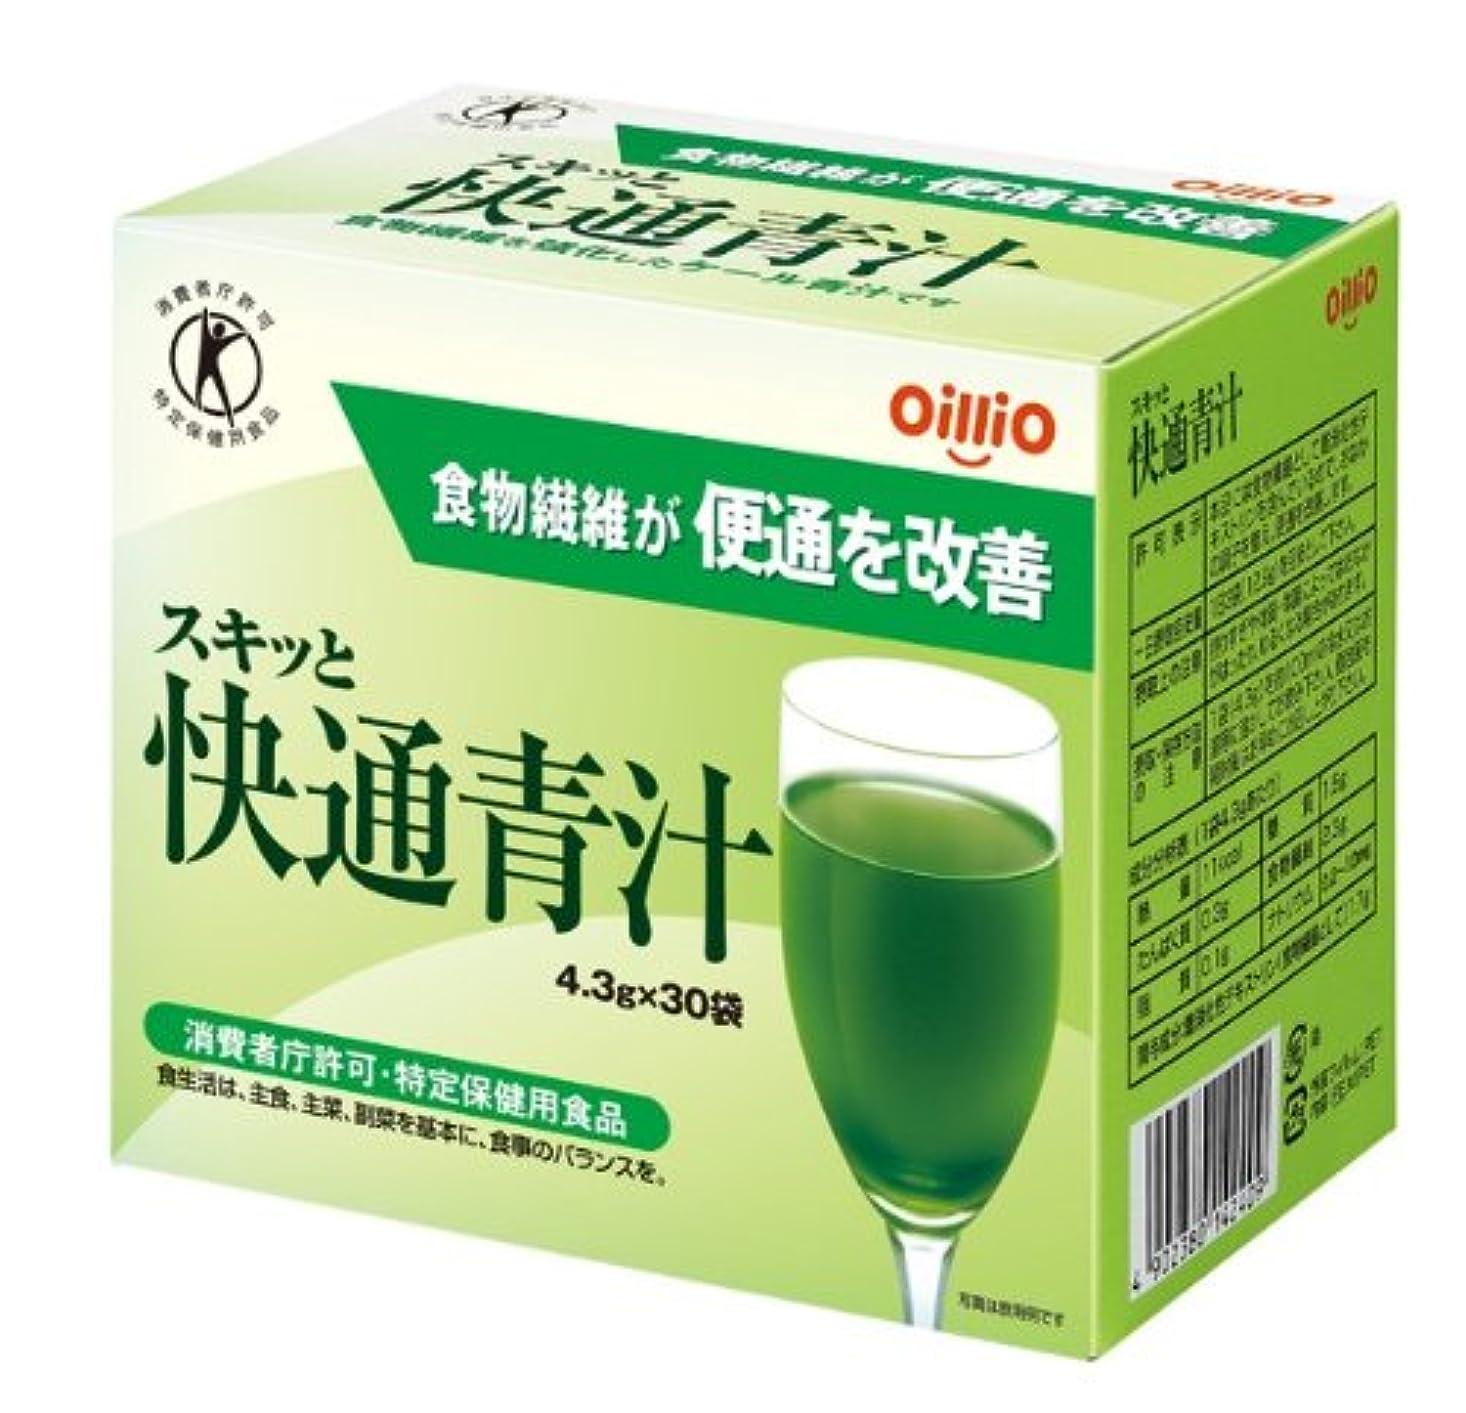 蒸し器位置するゲートウェイスキッと快通青汁 4.3gx30袋 [特定保健用食品]